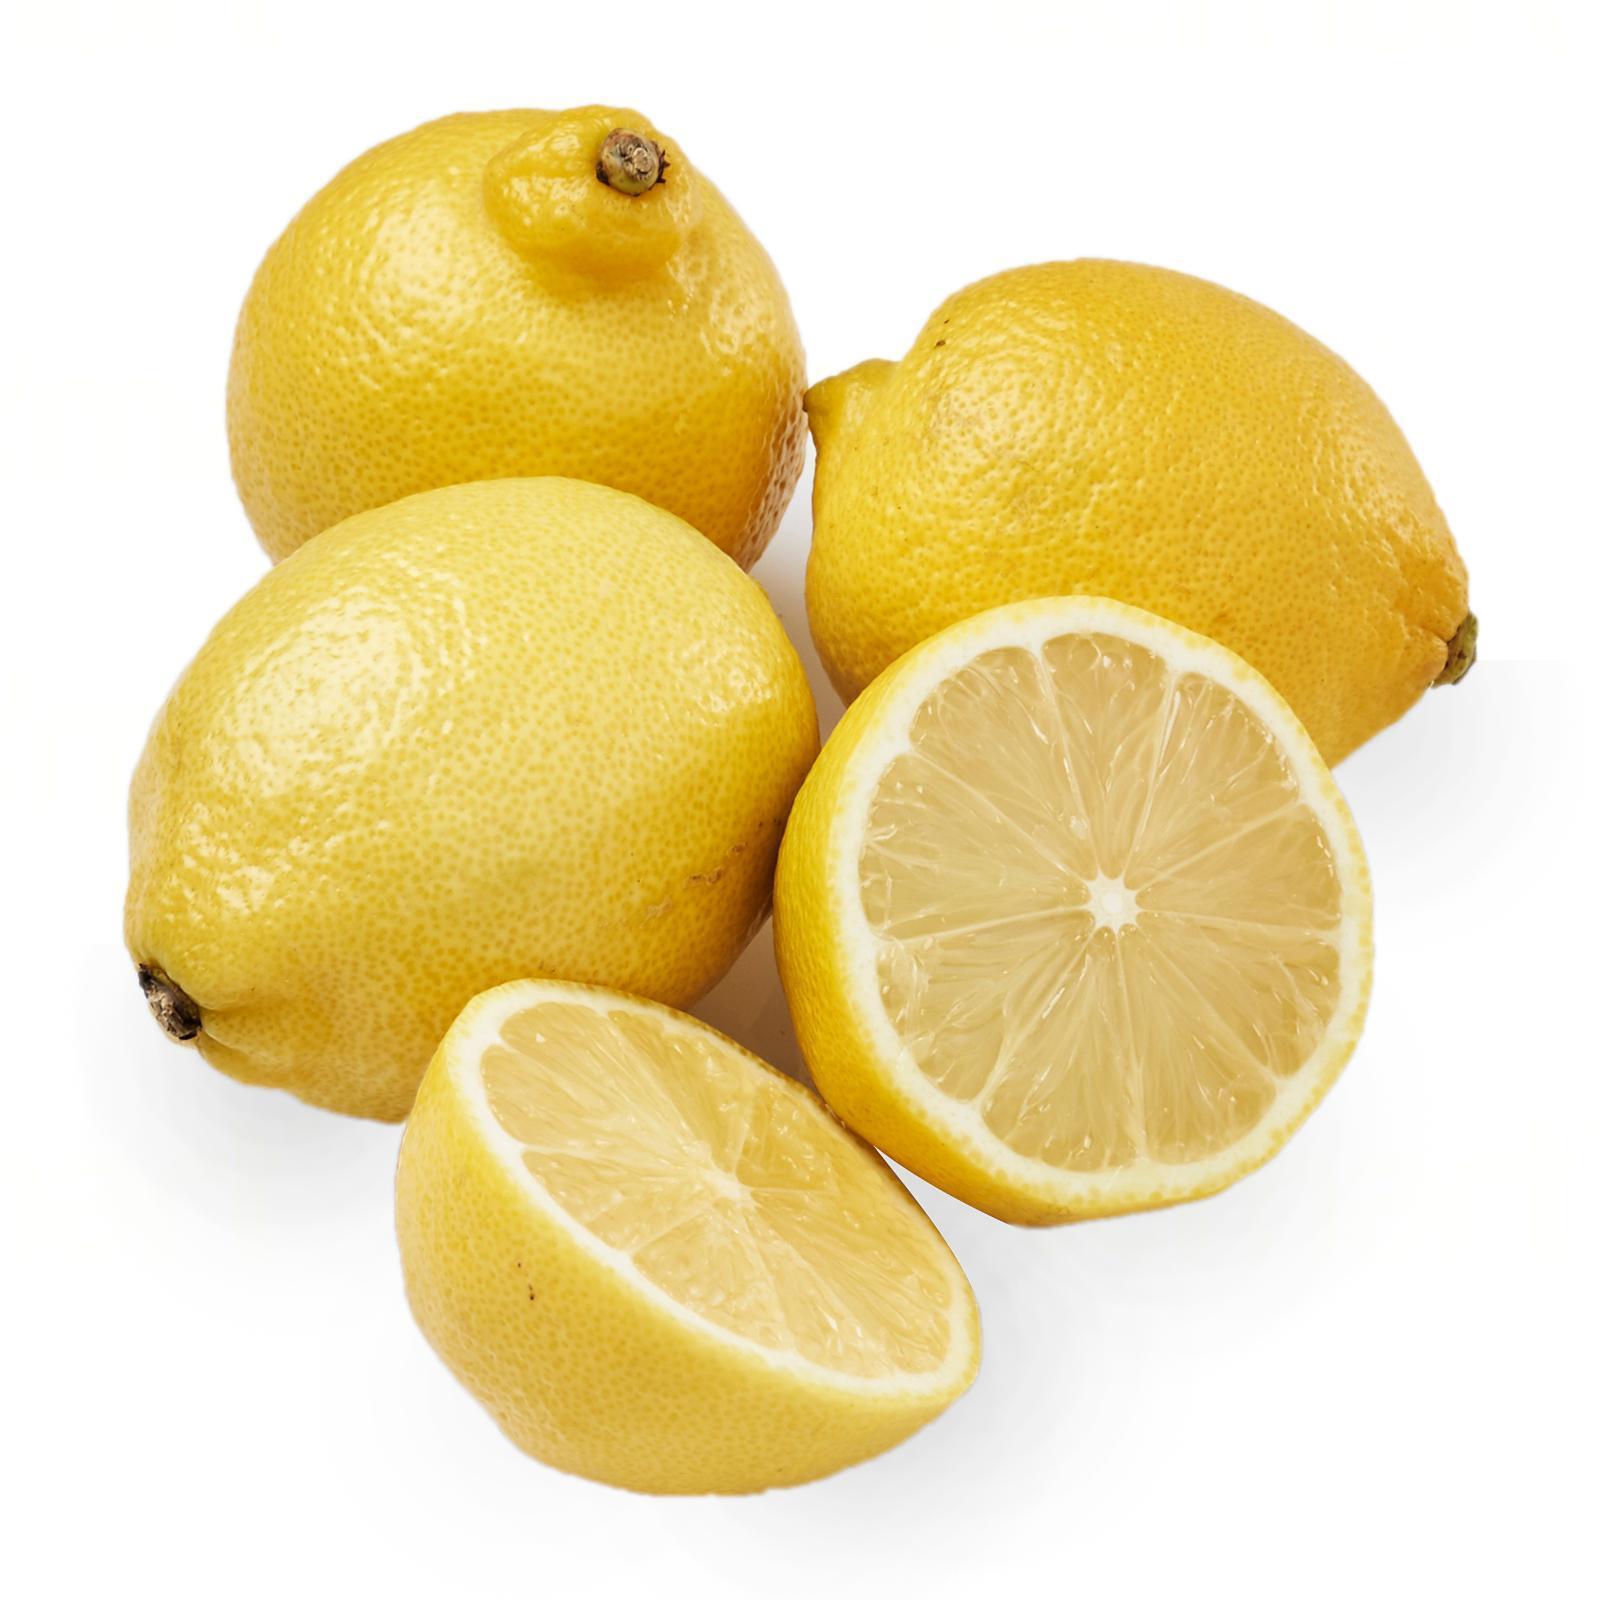 Hupco Lemons